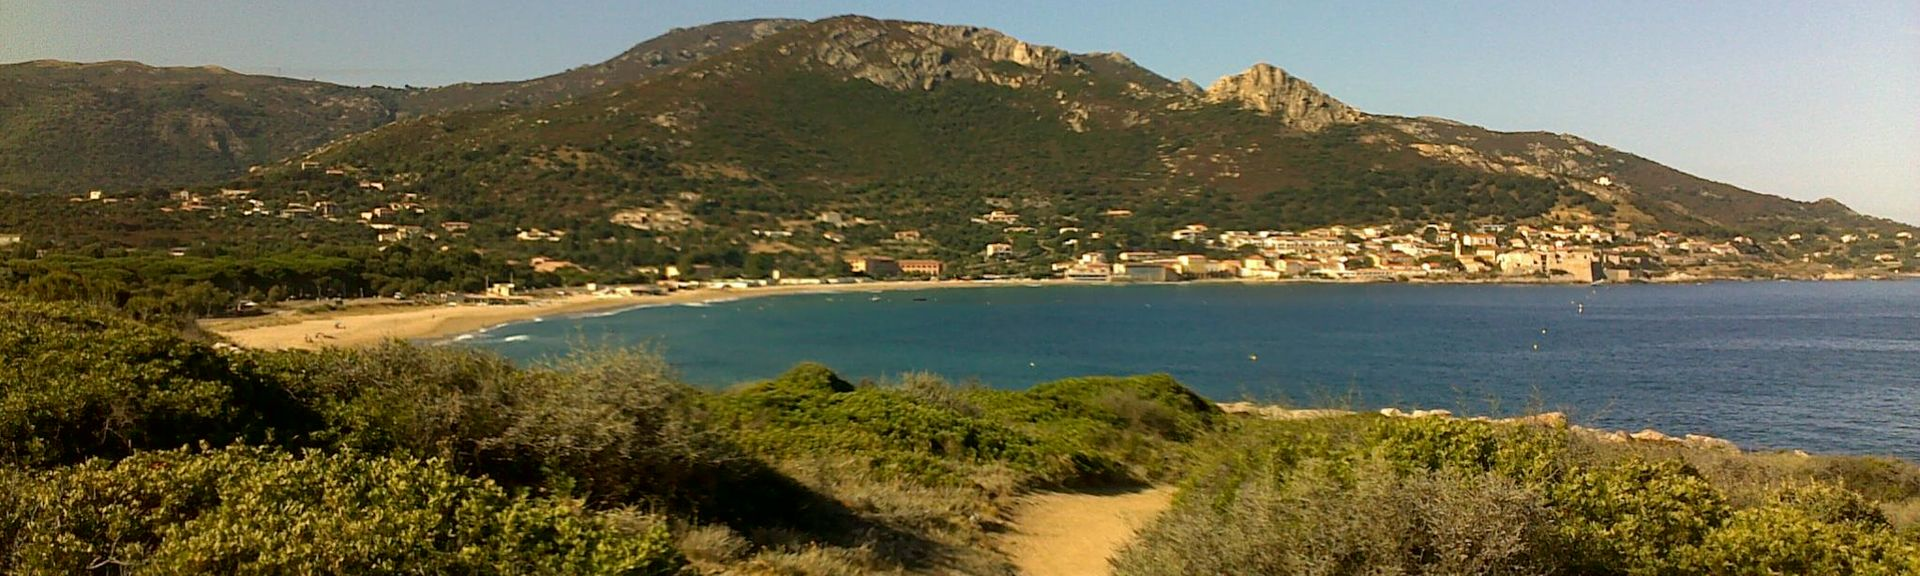 Aregno, Haute-Corse, France